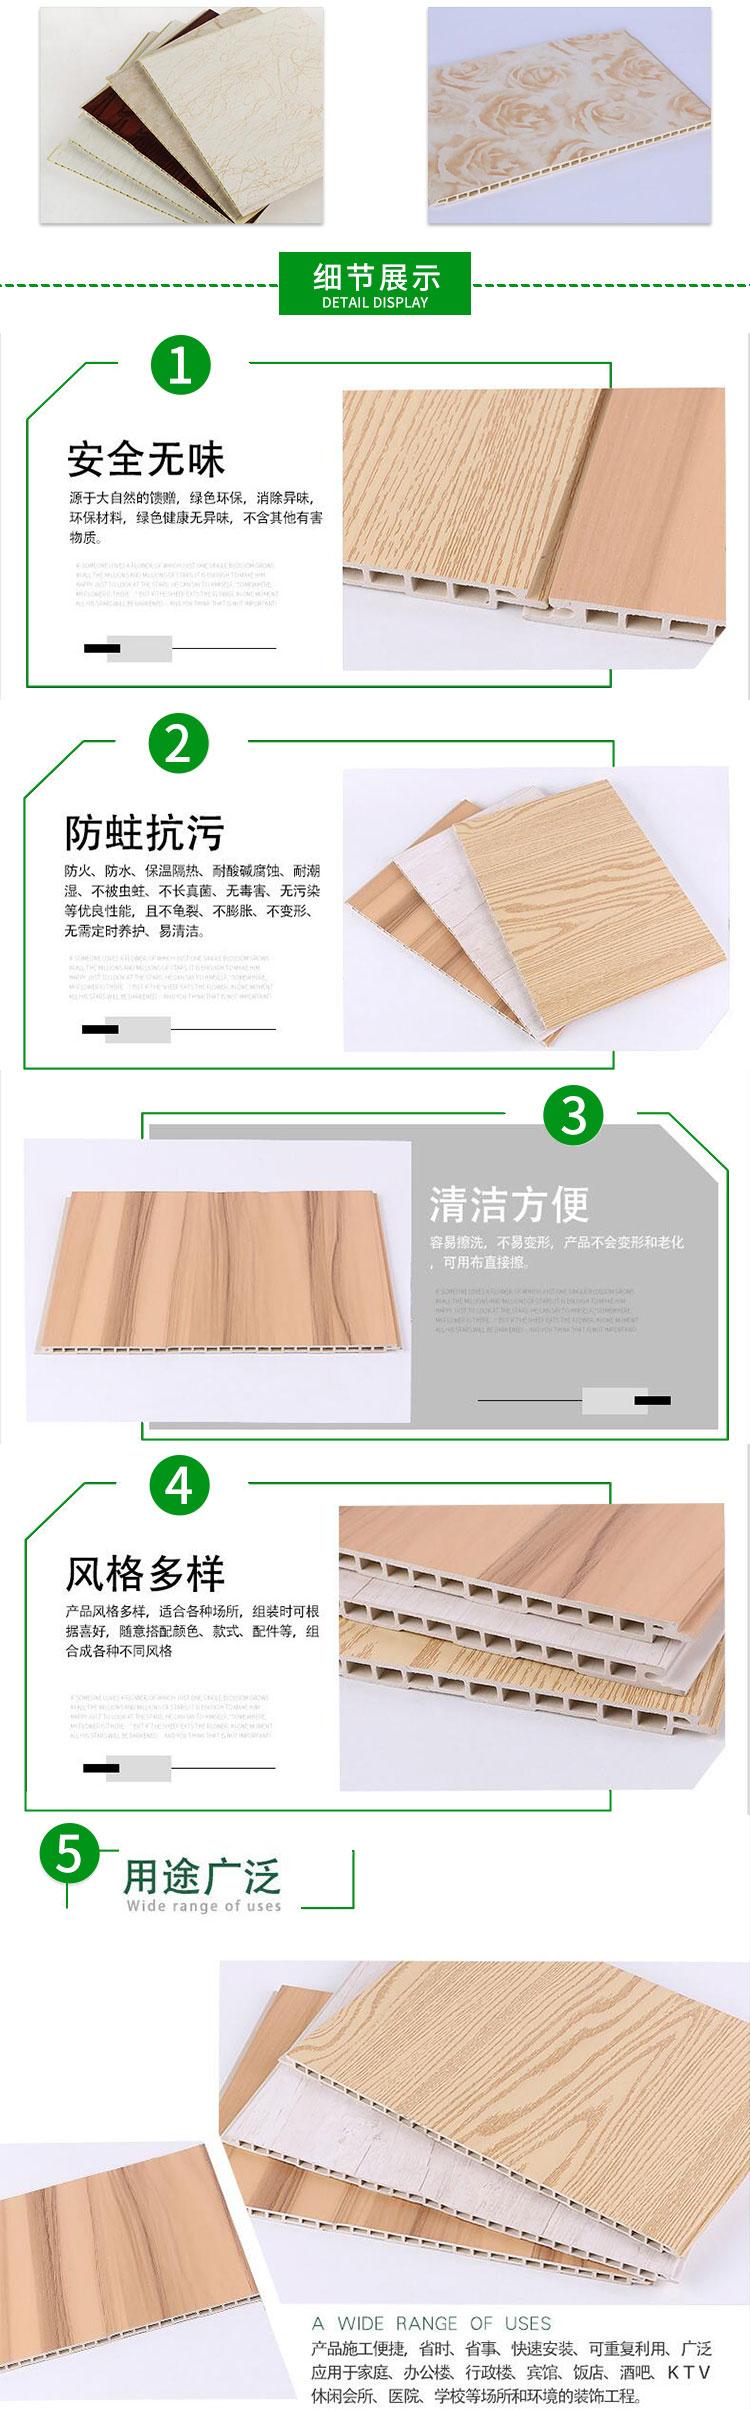 竹木纤维墙板价格 竹木纤维集成墙饰厂家批发 全国直供 欢迎下单 呆呆熊装饰材料